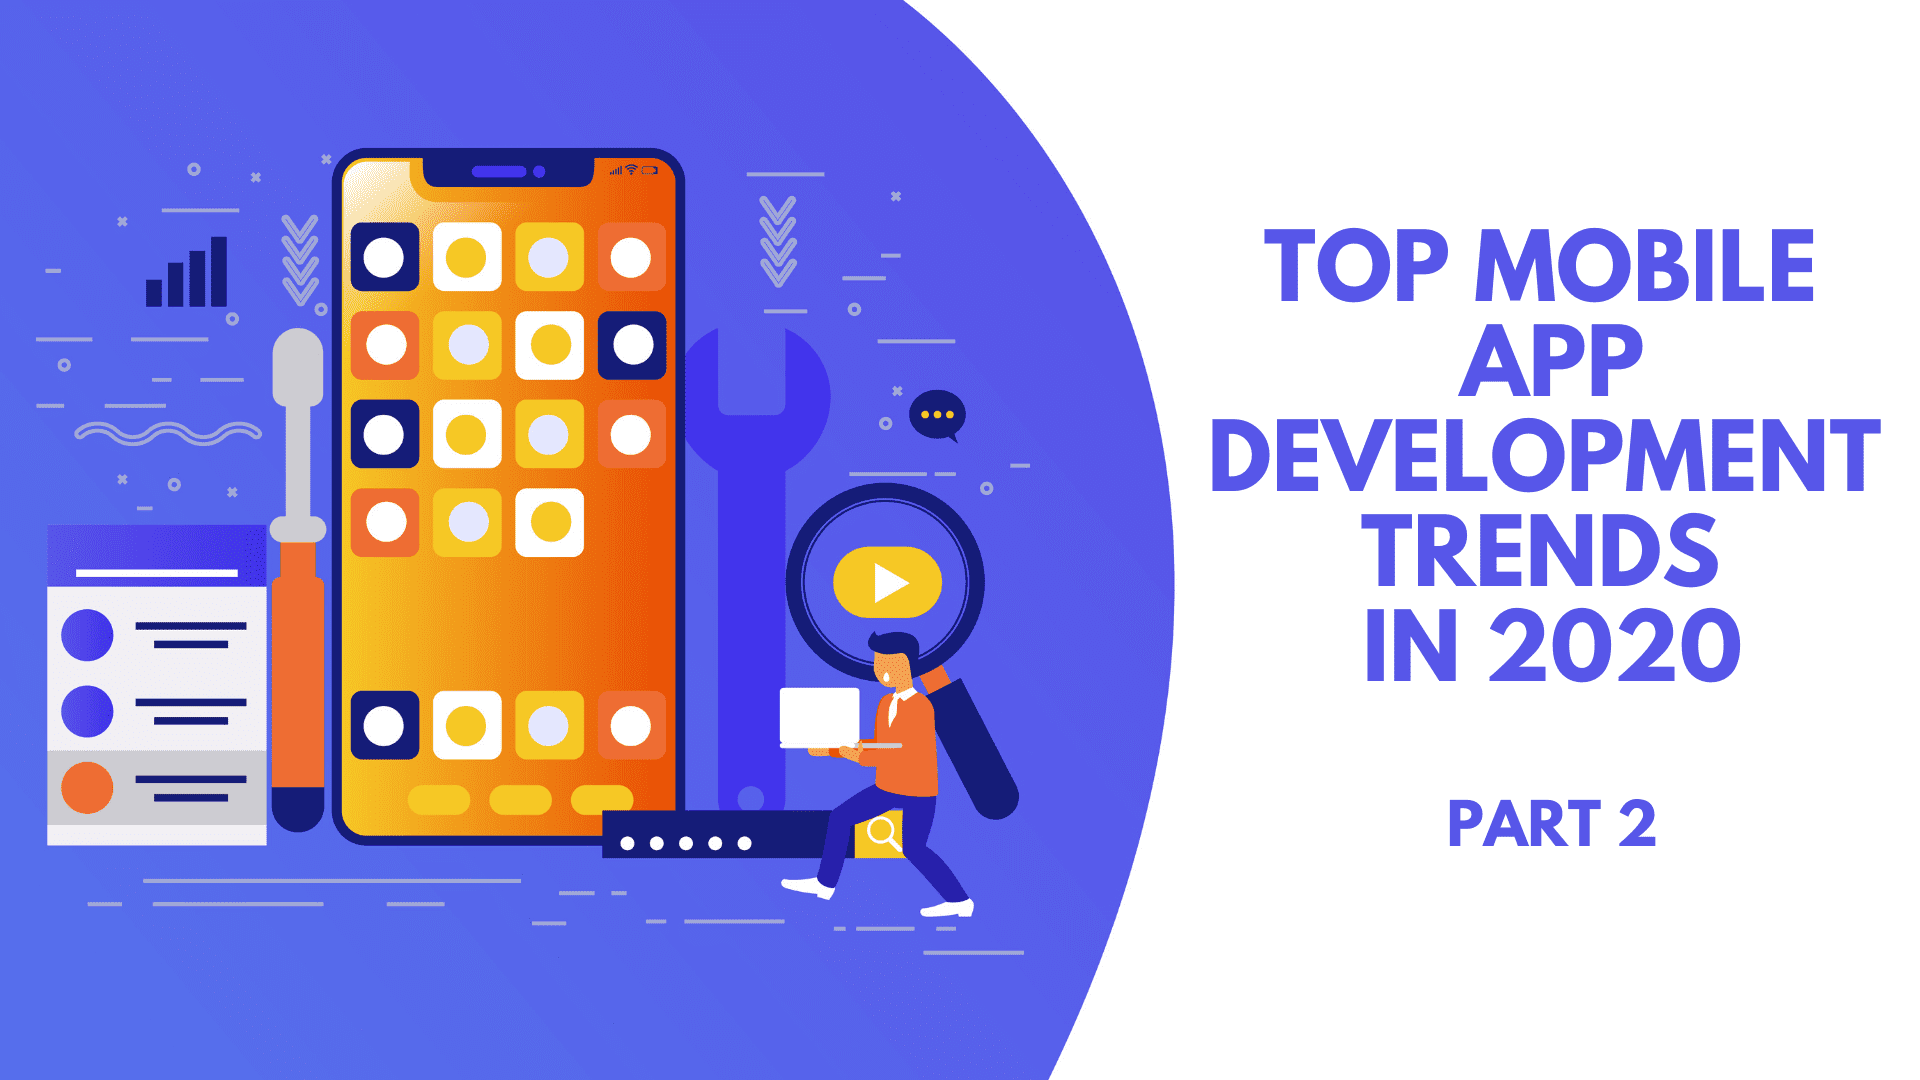 Mobile app development top trends